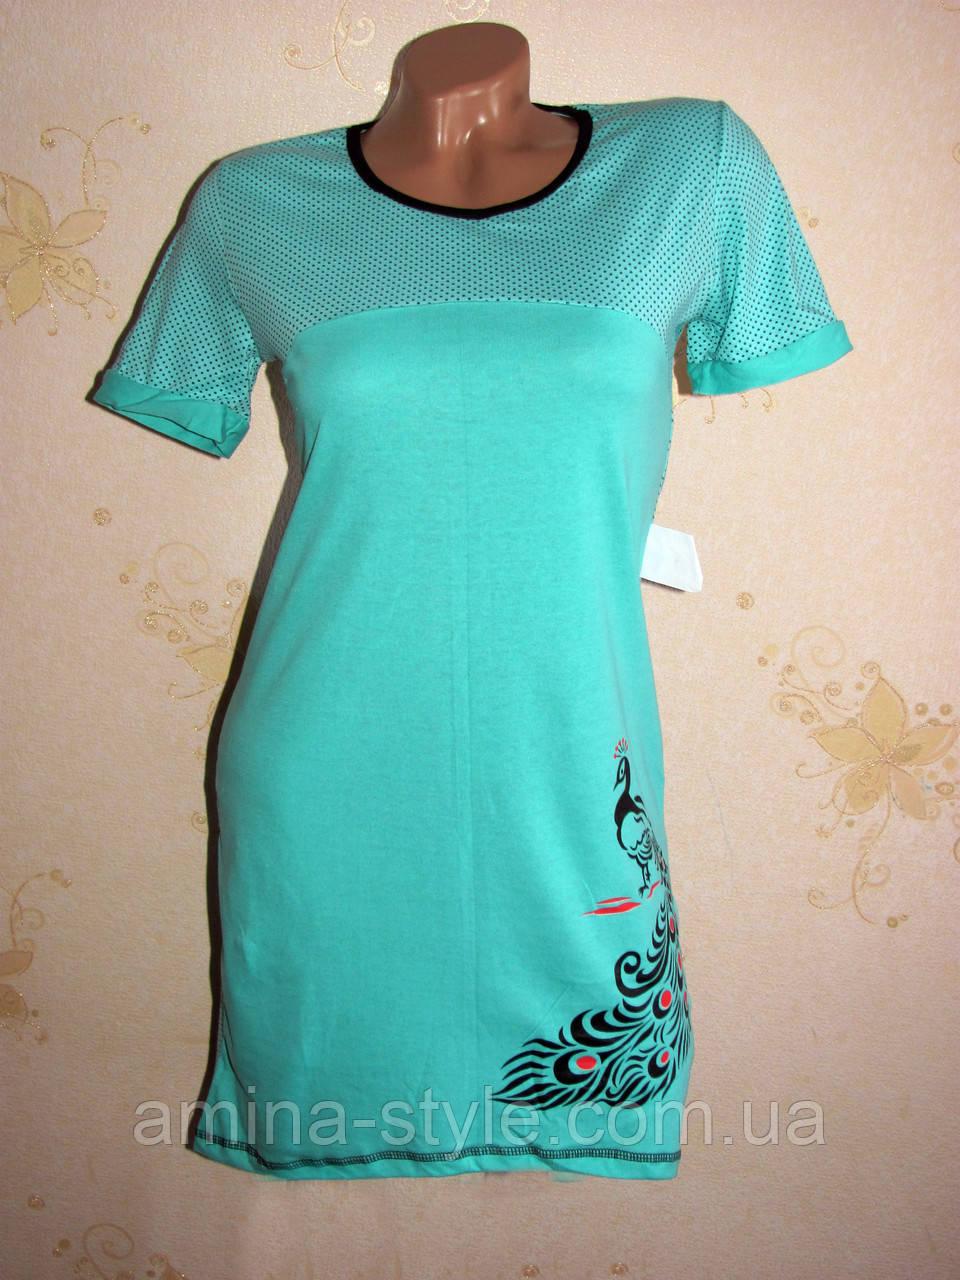 Женская ночная рубашка туника, хлопок 40-42